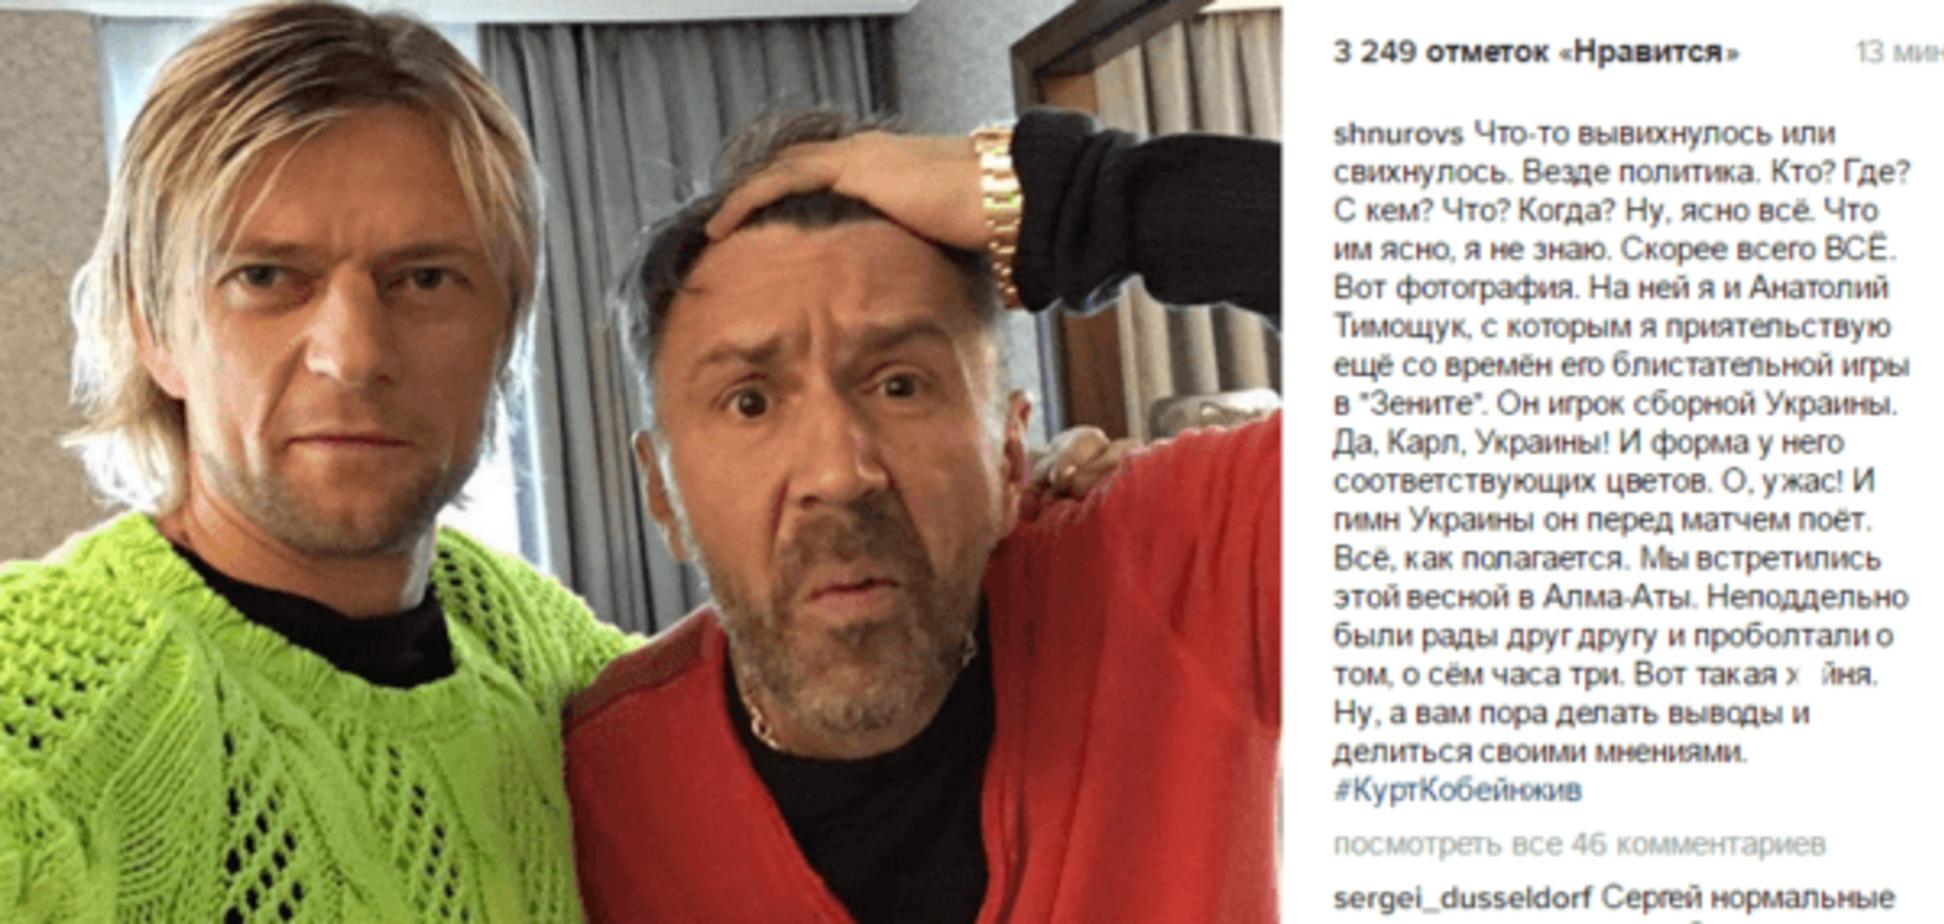 Анатолій Тимощук та Сергій Шнуров